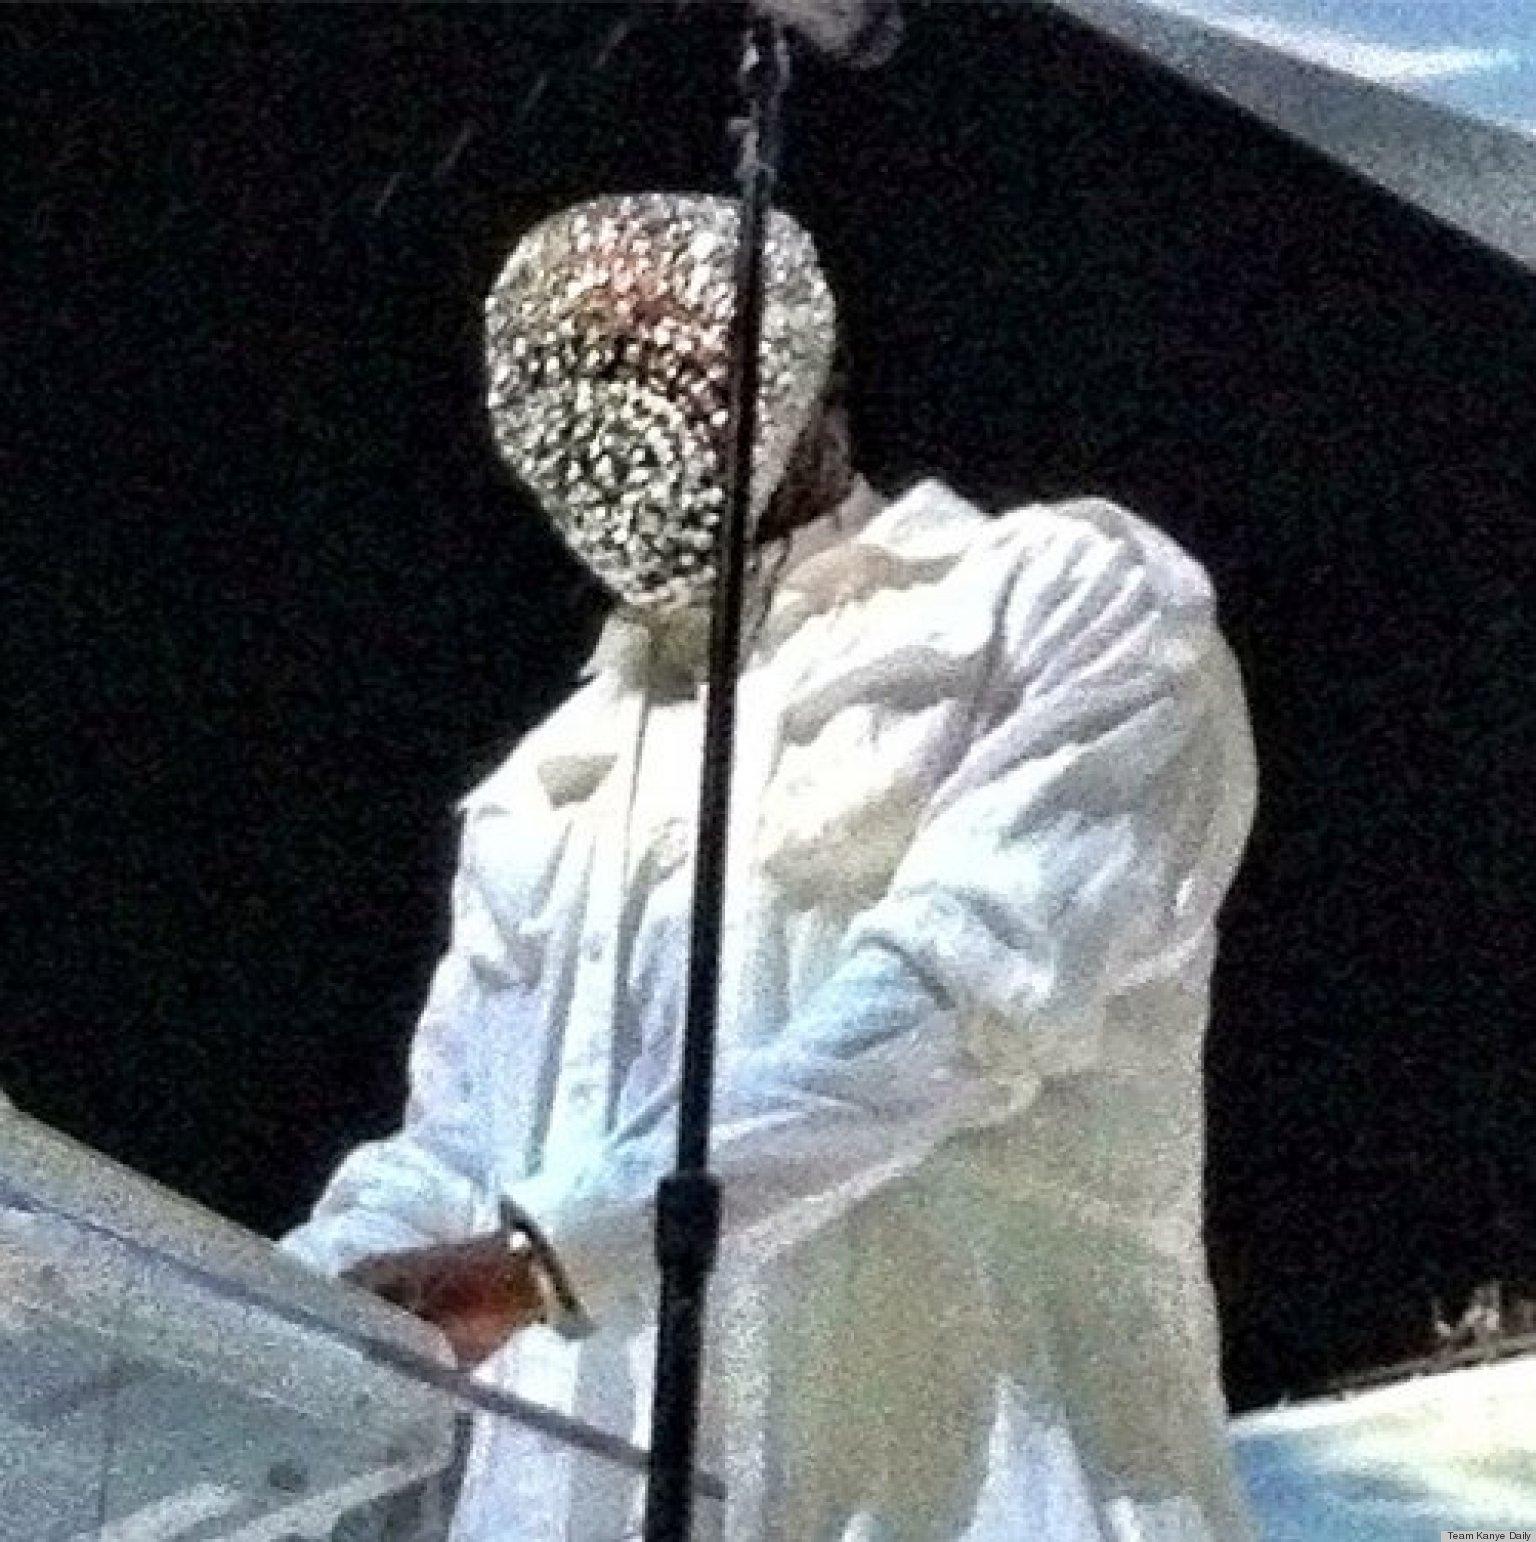 kanye west wears crystal maison martin margiela mask at